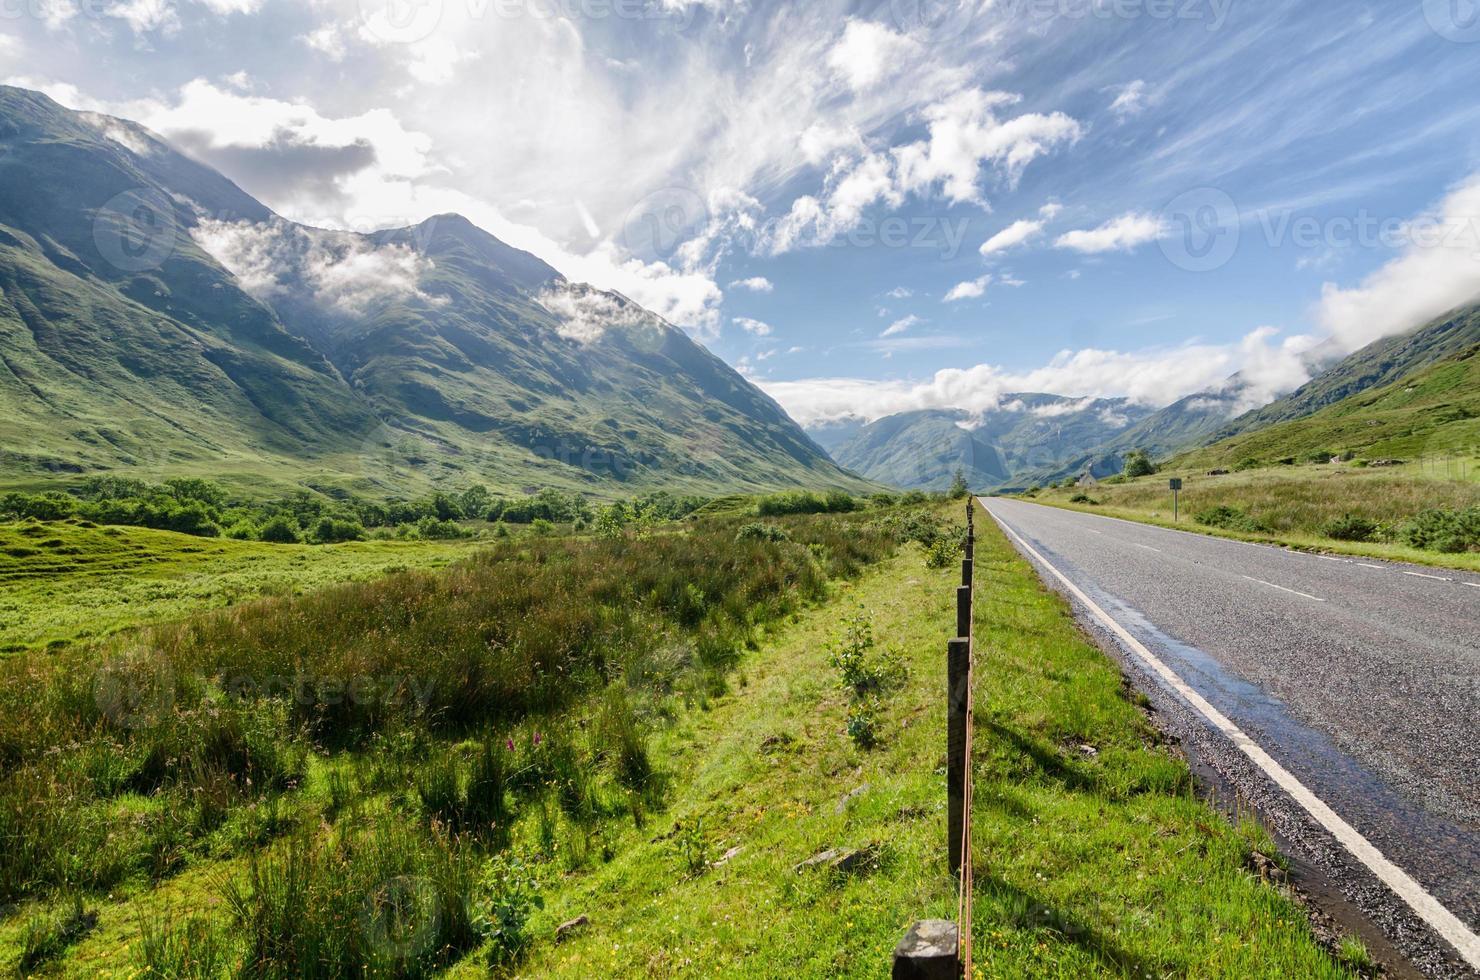 paisagem de terras altas da montanha escocesa foto